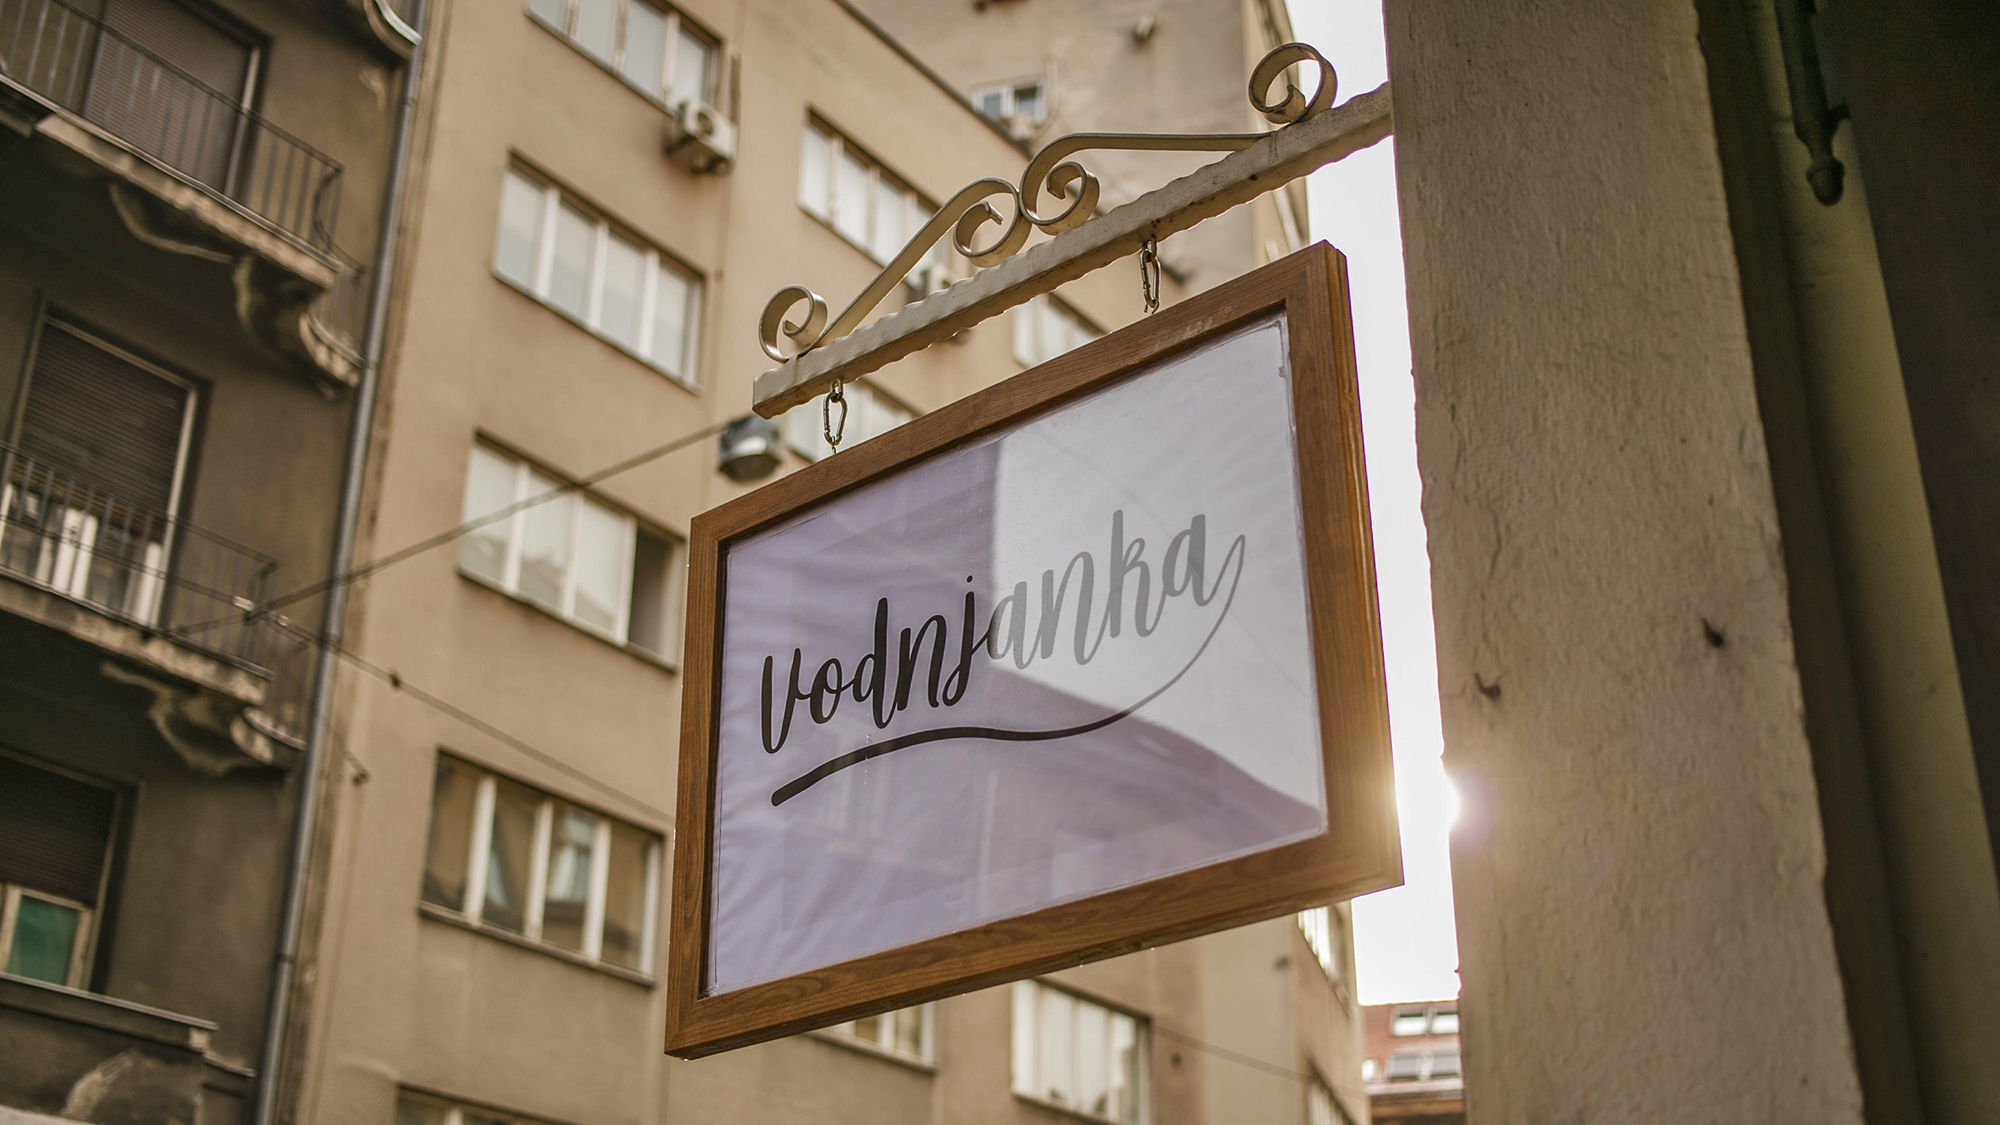 U Zagrebu je prošli mjesec otvoren restoran Vodnjanka, vodi ga obitelj Celija, a glavna chefica je gospođa Svjetlana koja je zaslužna za tradiciju dugu 40 godina.